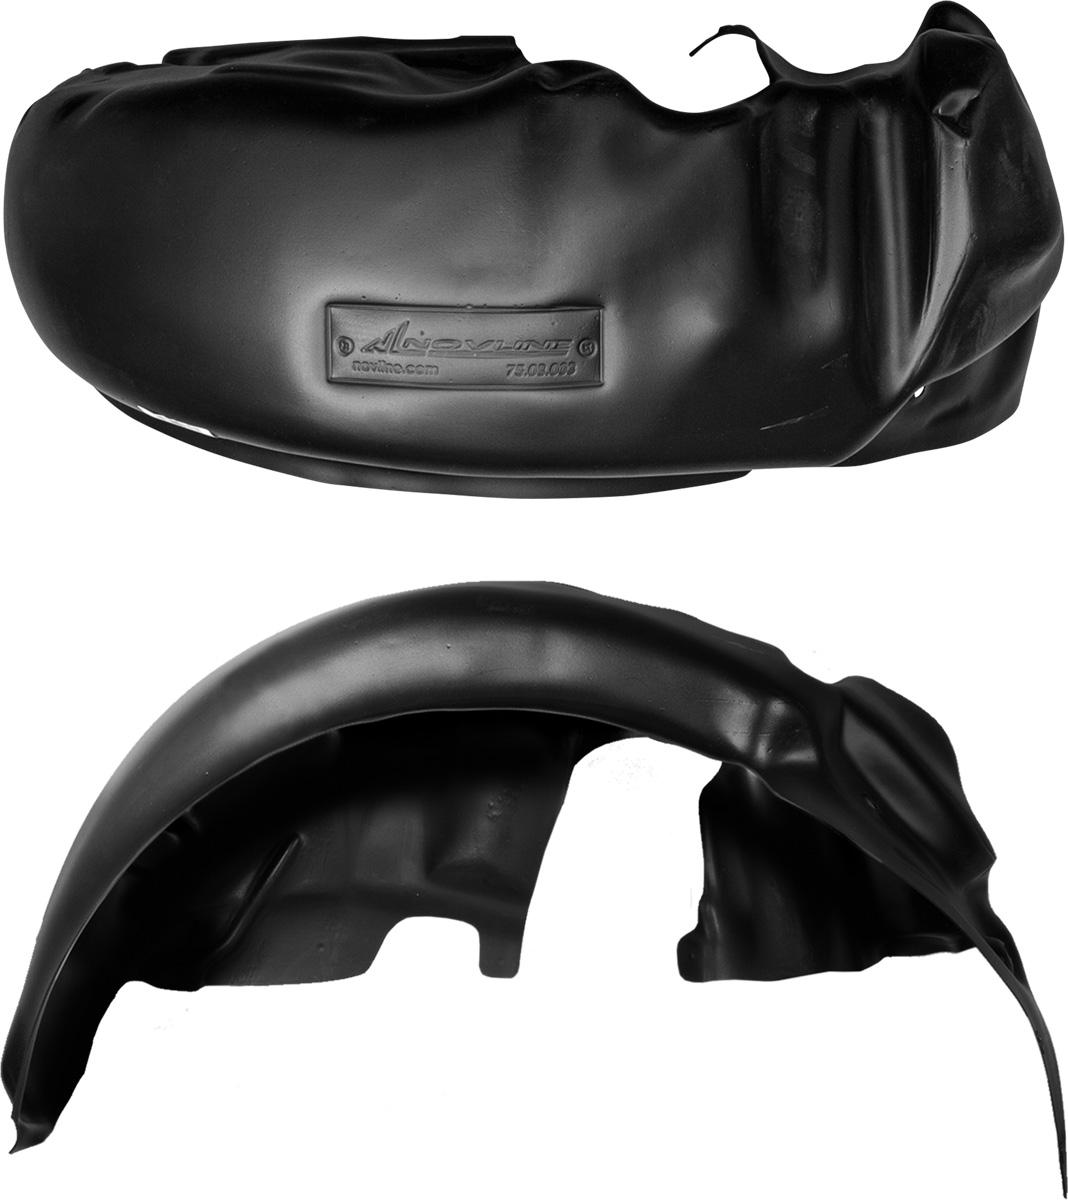 Подкрылок Novline-Autofamily, для Mitsubishi Lancer X, 03/2007->, седан, хэтчбек, задний левыйNLL.35.13.003Колесные ниши - одни из самых уязвимых зон днища вашего автомобиля. Они постоянно подвергаются воздействию со стороны дороги. Лучшая, почти абсолютная защита для них - специально отформованные пластиковые кожухи, которые называются подкрылками. Производятся они как для отечественных моделей автомобилей, так и для иномарок. Подкрылки Novline-Autofamily выполнены из высококачественного, экологически чистого пластика. Обеспечивают надежную защиту кузова автомобиля от пескоструйного эффекта и негативного влияния, агрессивных антигололедных реагентов. Пластик обладает более низкой теплопроводностью, чем металл, поэтому в зимний период эксплуатации использование пластиковых подкрылков позволяет лучше защитить колесные ниши от налипания снега и образования наледи. Оригинальность конструкции подчеркивает элегантность автомобиля, бережно защищает нанесенное на днище кузова антикоррозийное покрытие и позволяет осуществить крепление подкрылков внутри колесной арки практически без...